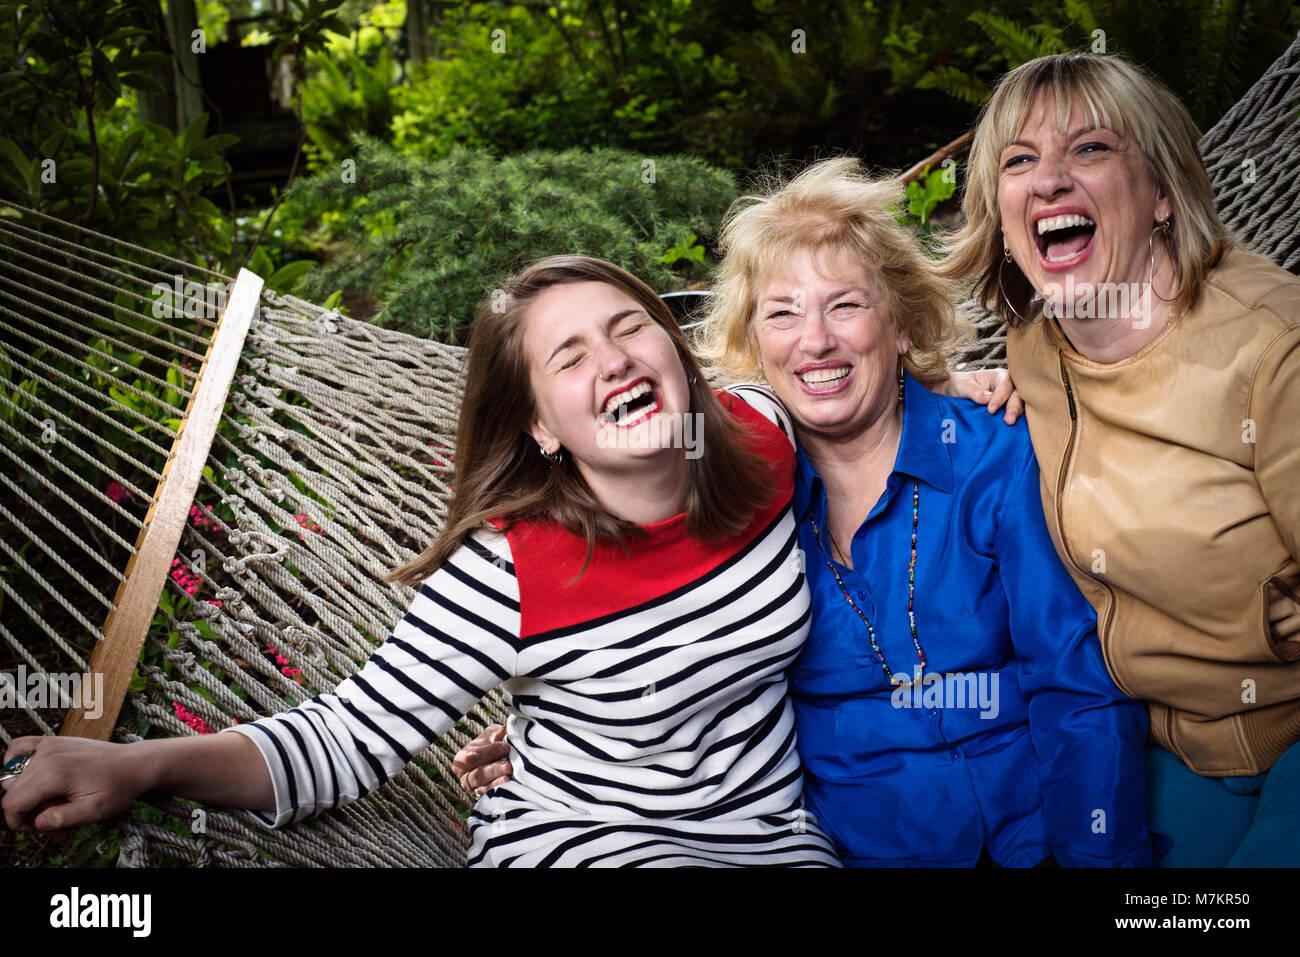 Trois générations de femmes assis dans un hamac bénéficiant chacun d'autres entreprise. Photo Stock